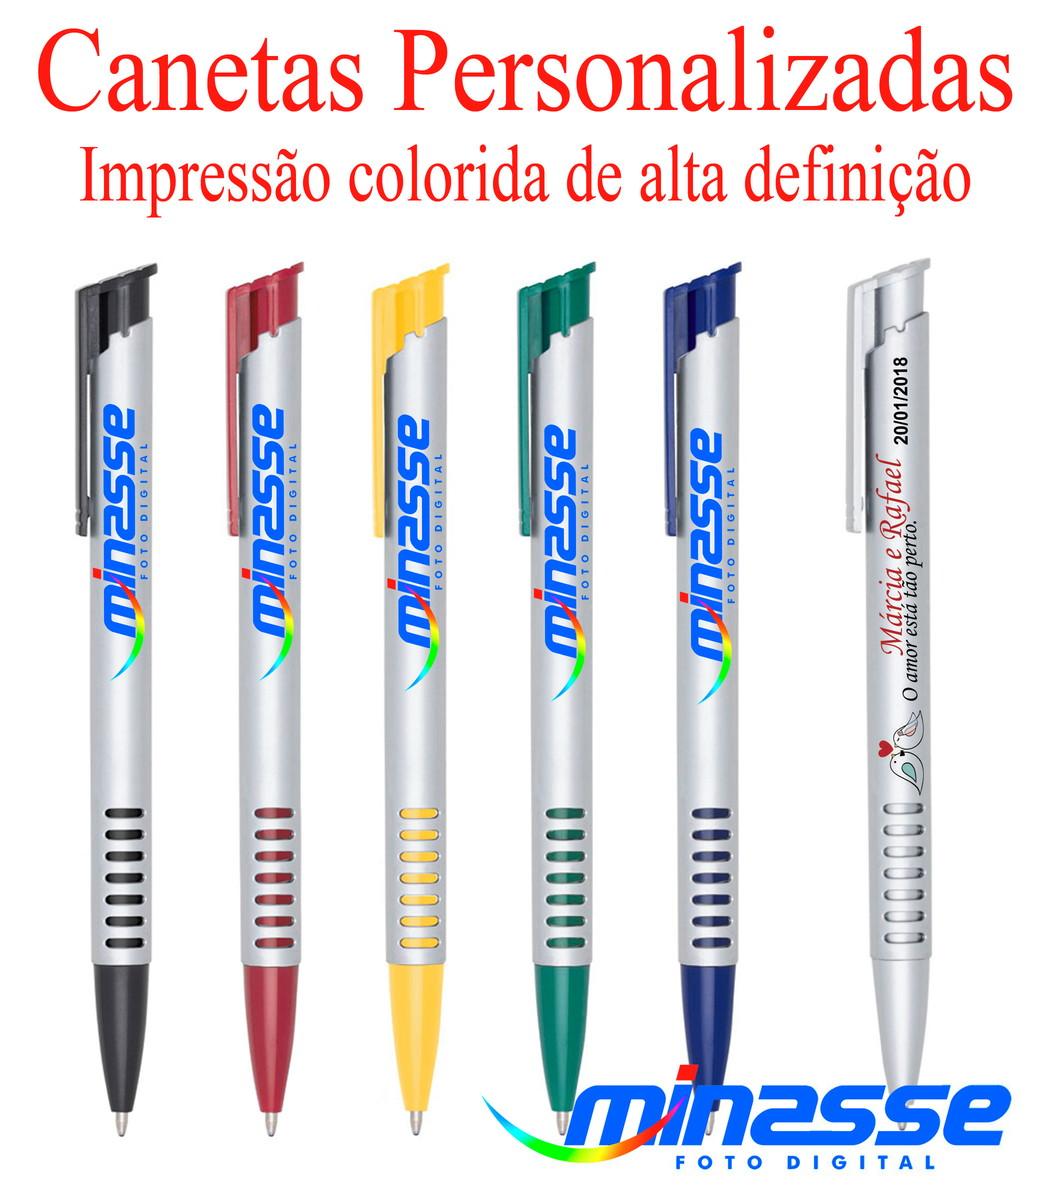 348f16d42 100 Canetas Mod 3017 - Brindes Personalizados - imp.colorida no Elo7 ...